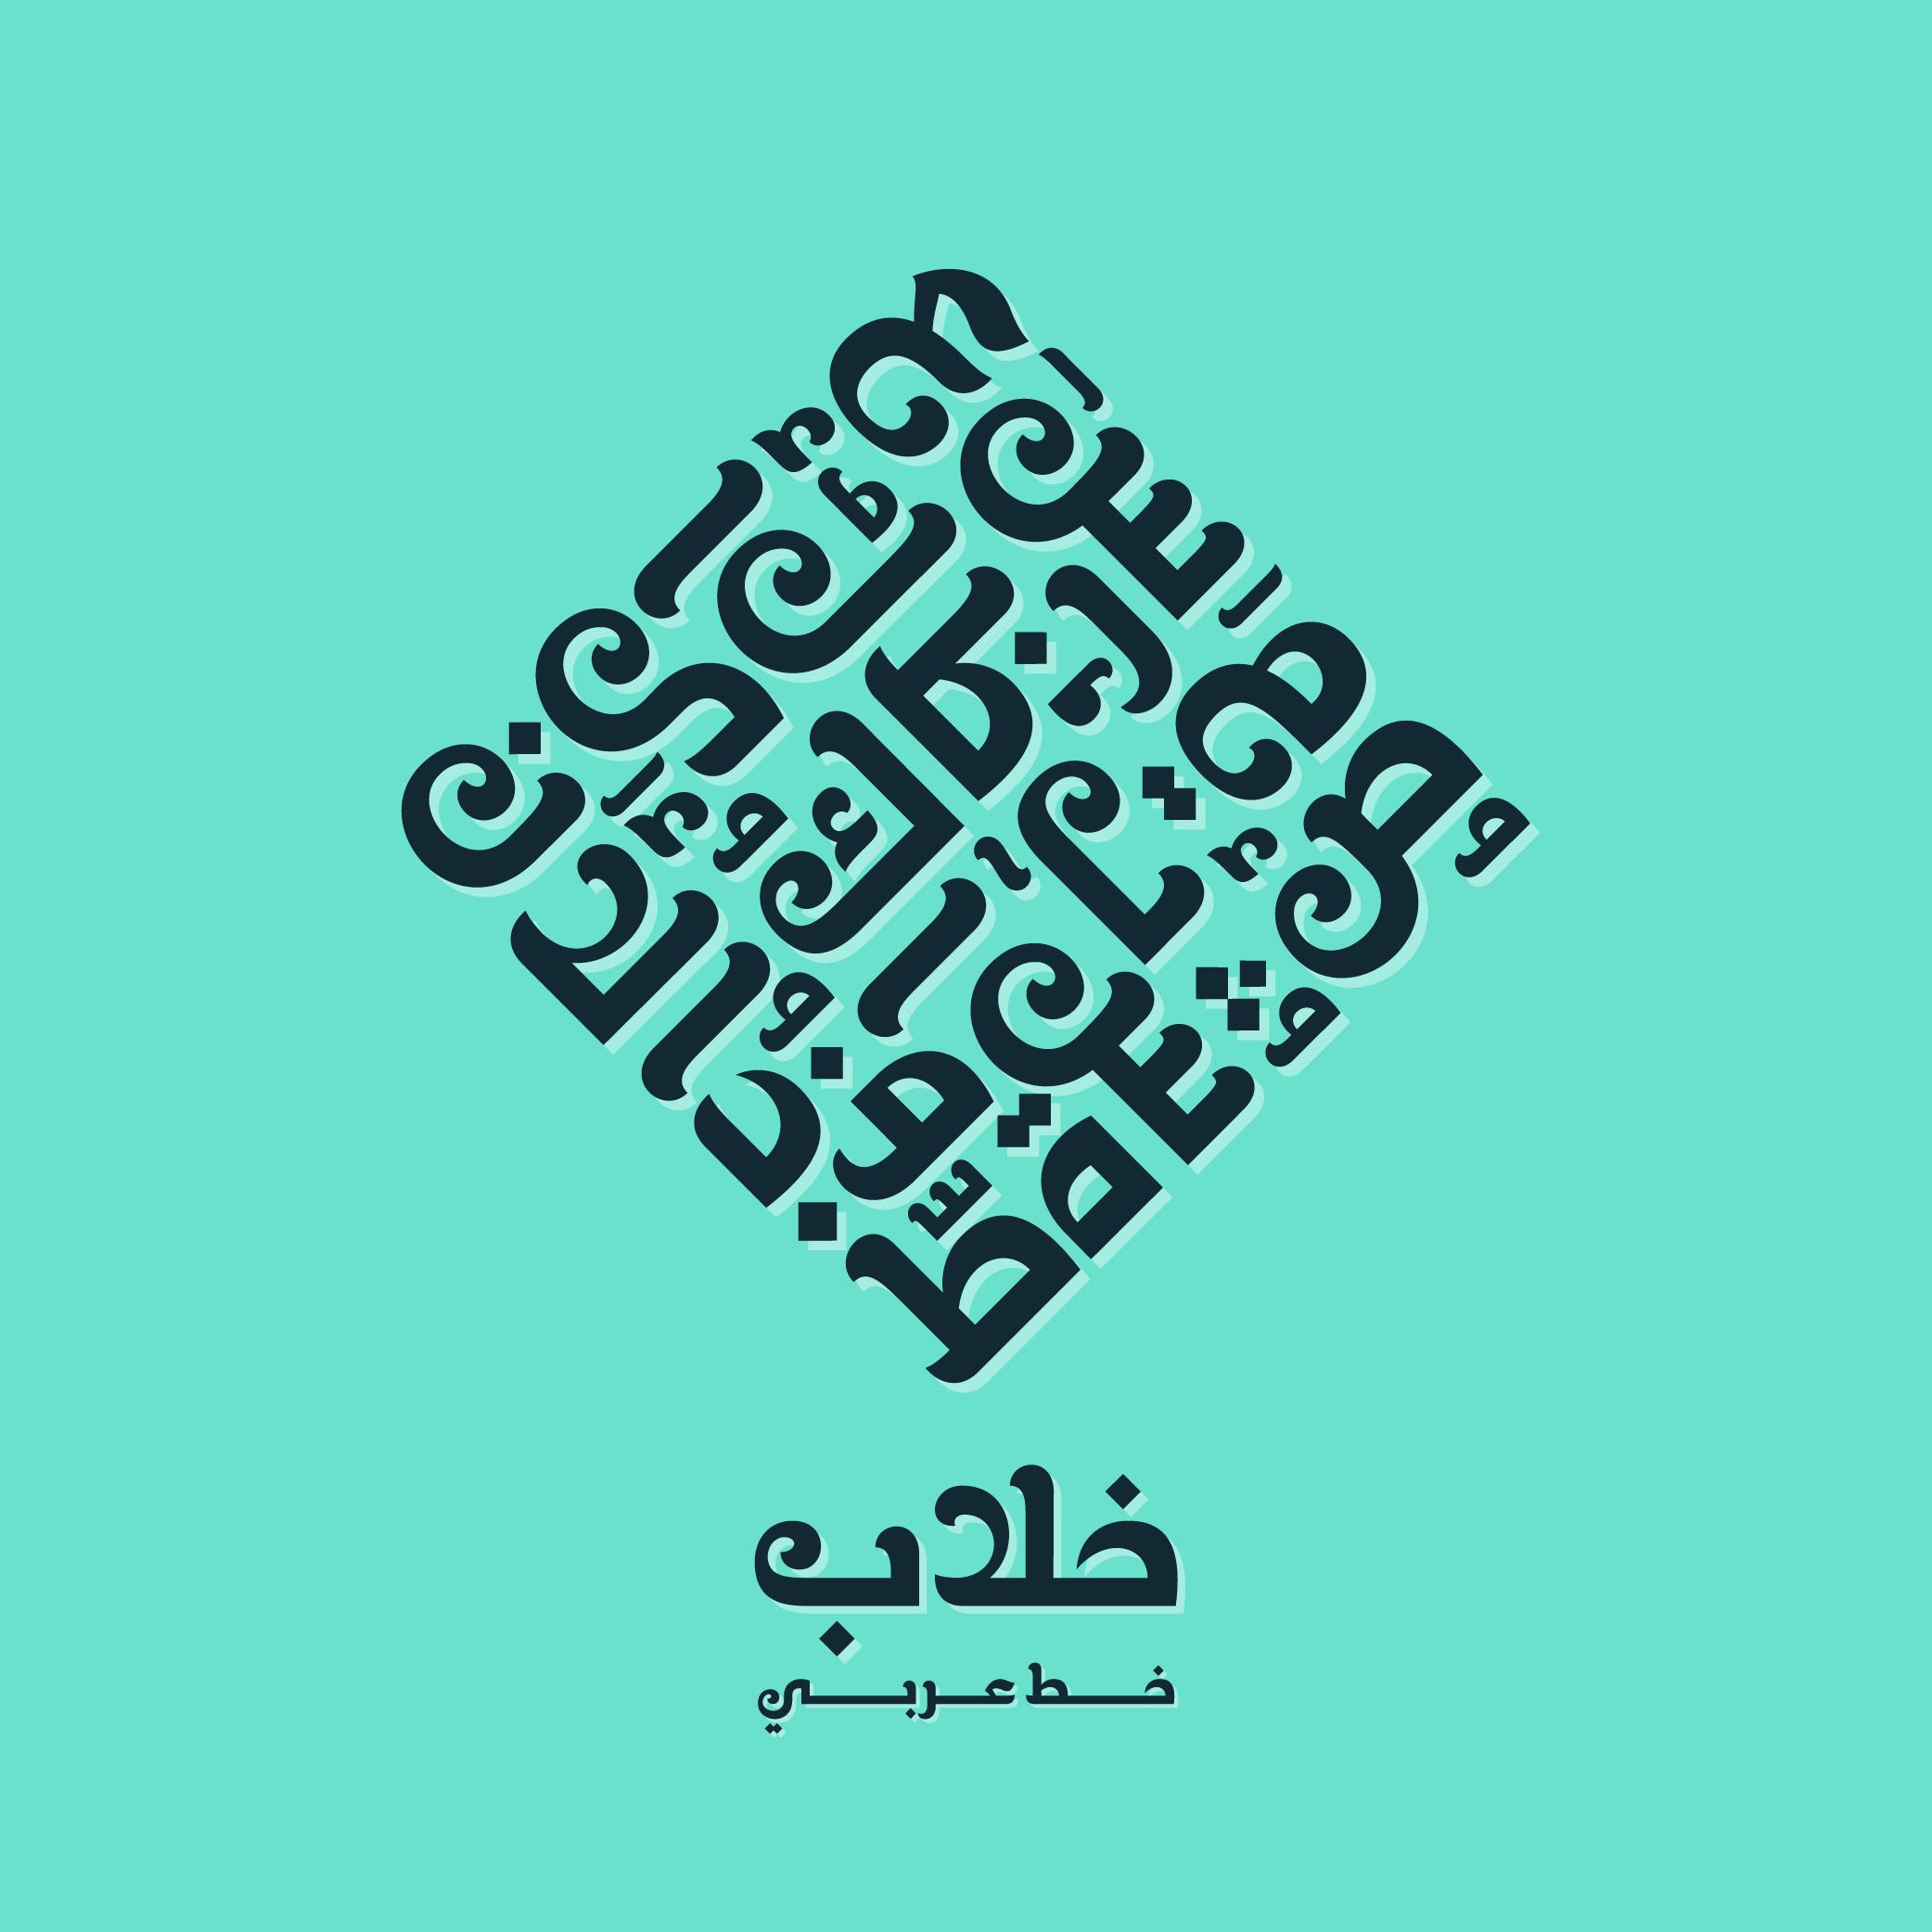 khallab_11